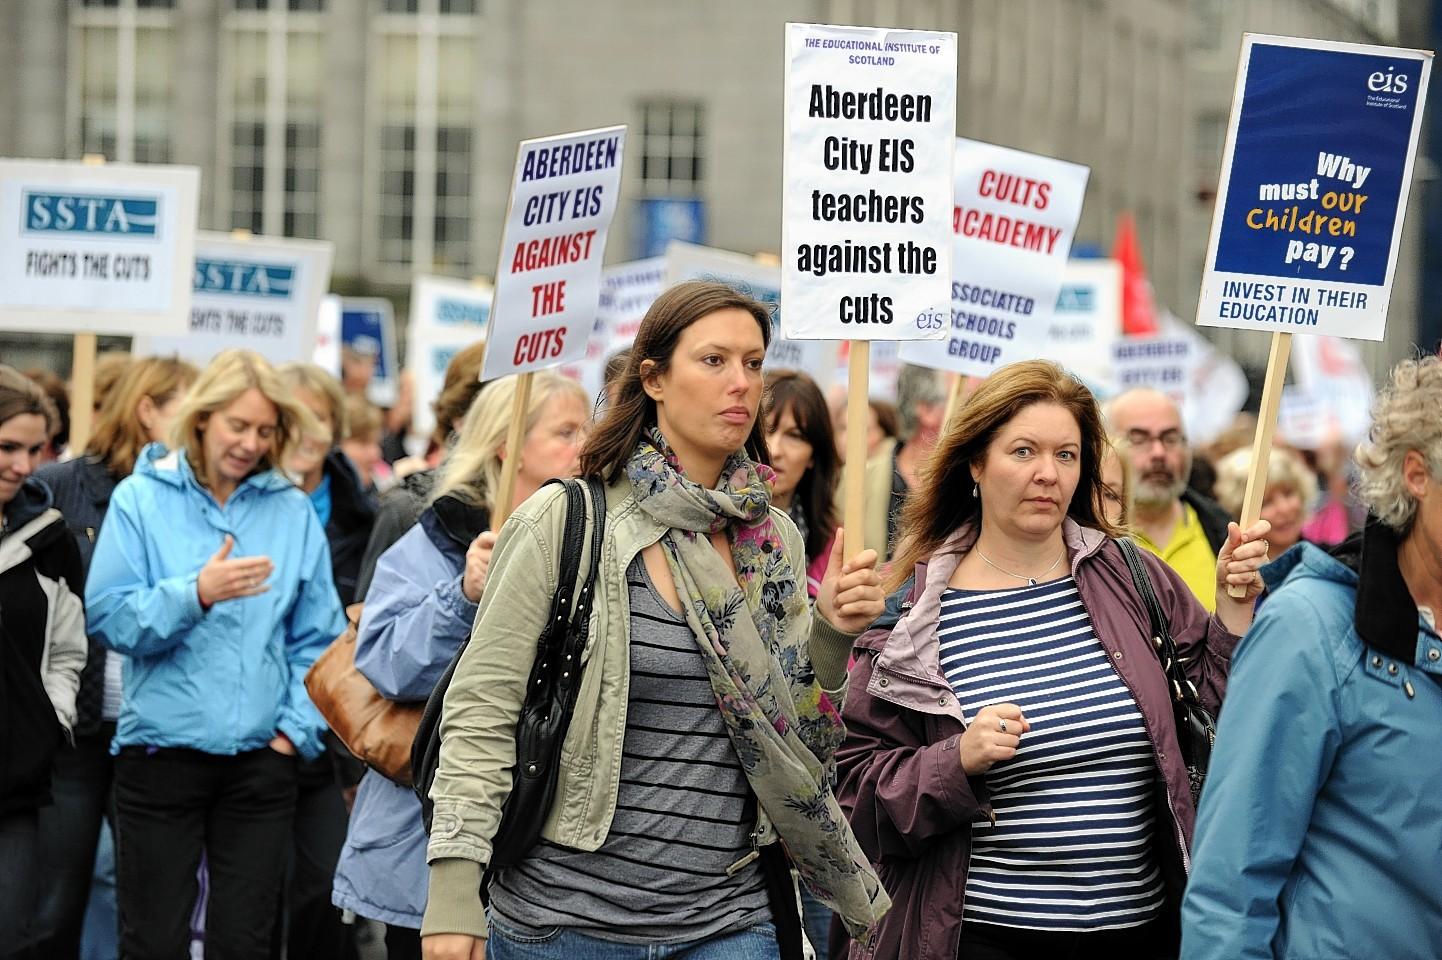 Scotland's largest education union, the EIS